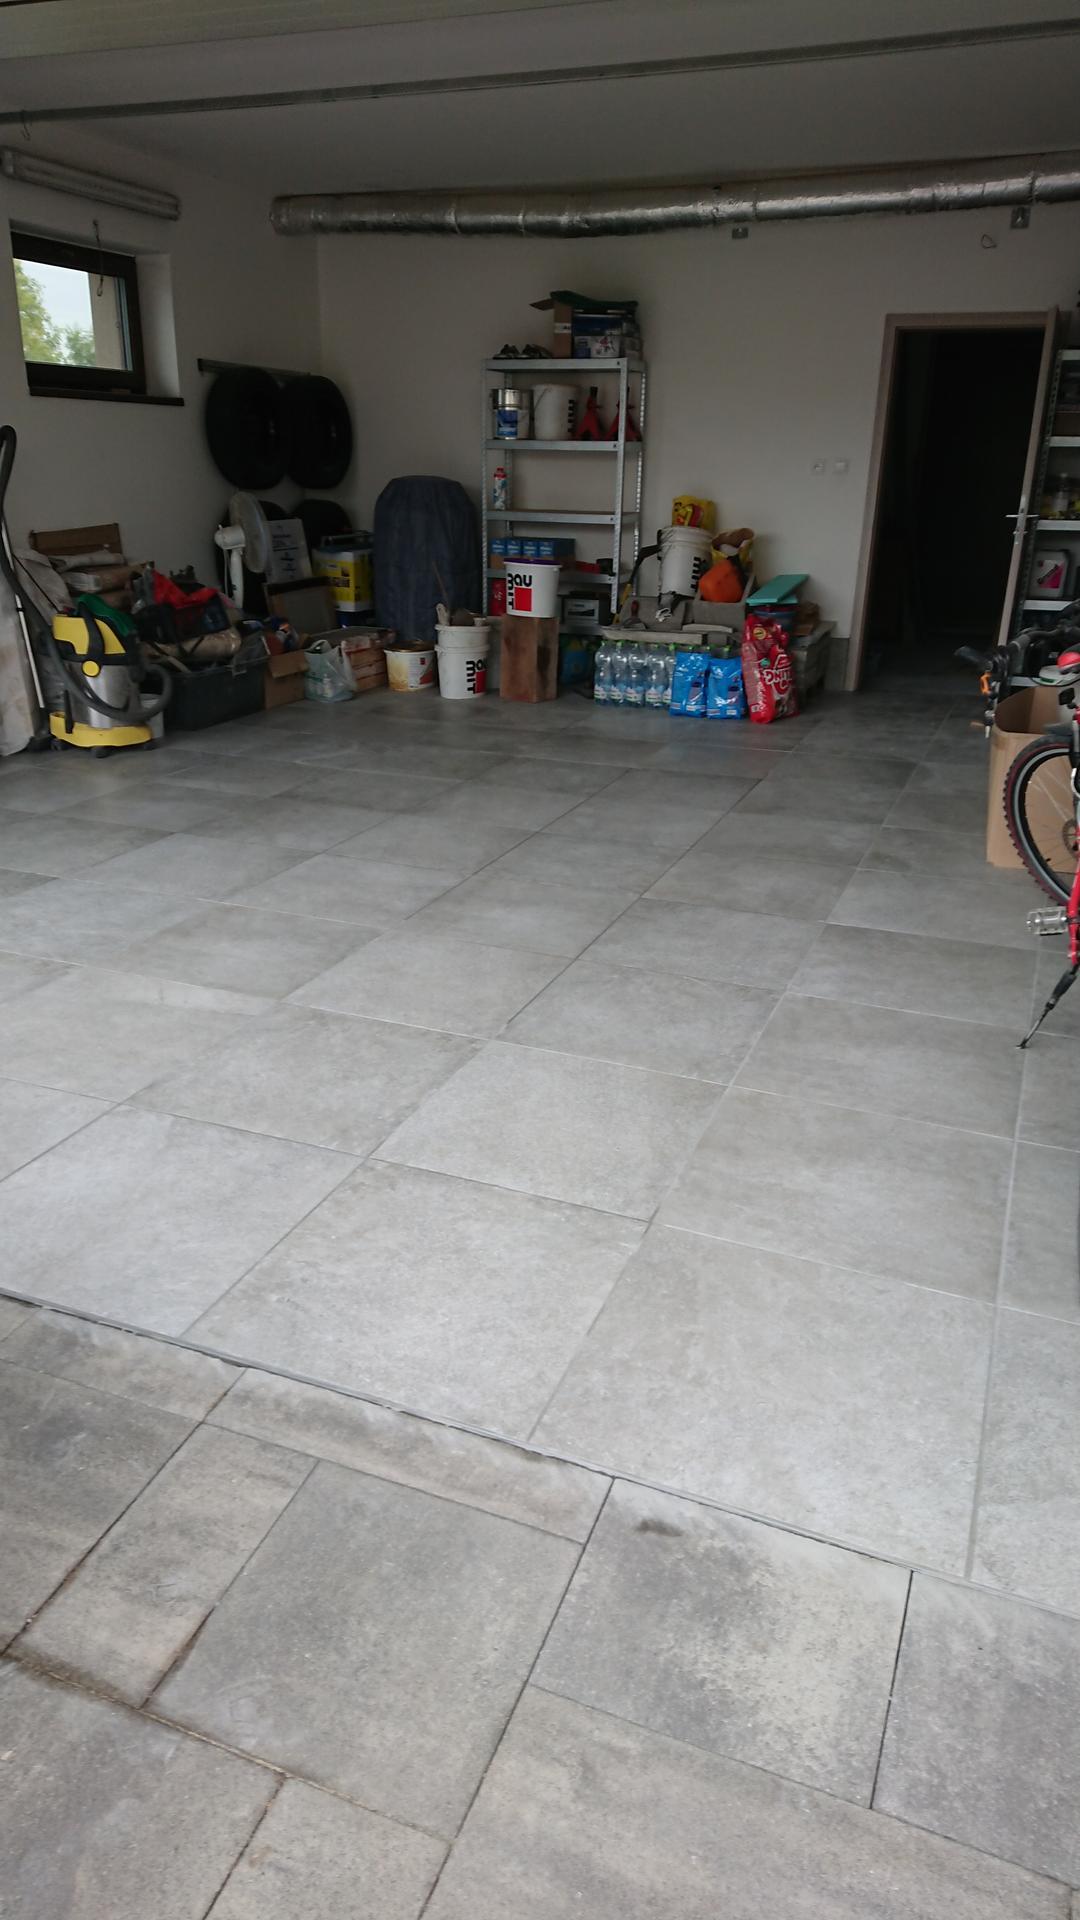 Dlazba v garazi - Obrázok č. 2